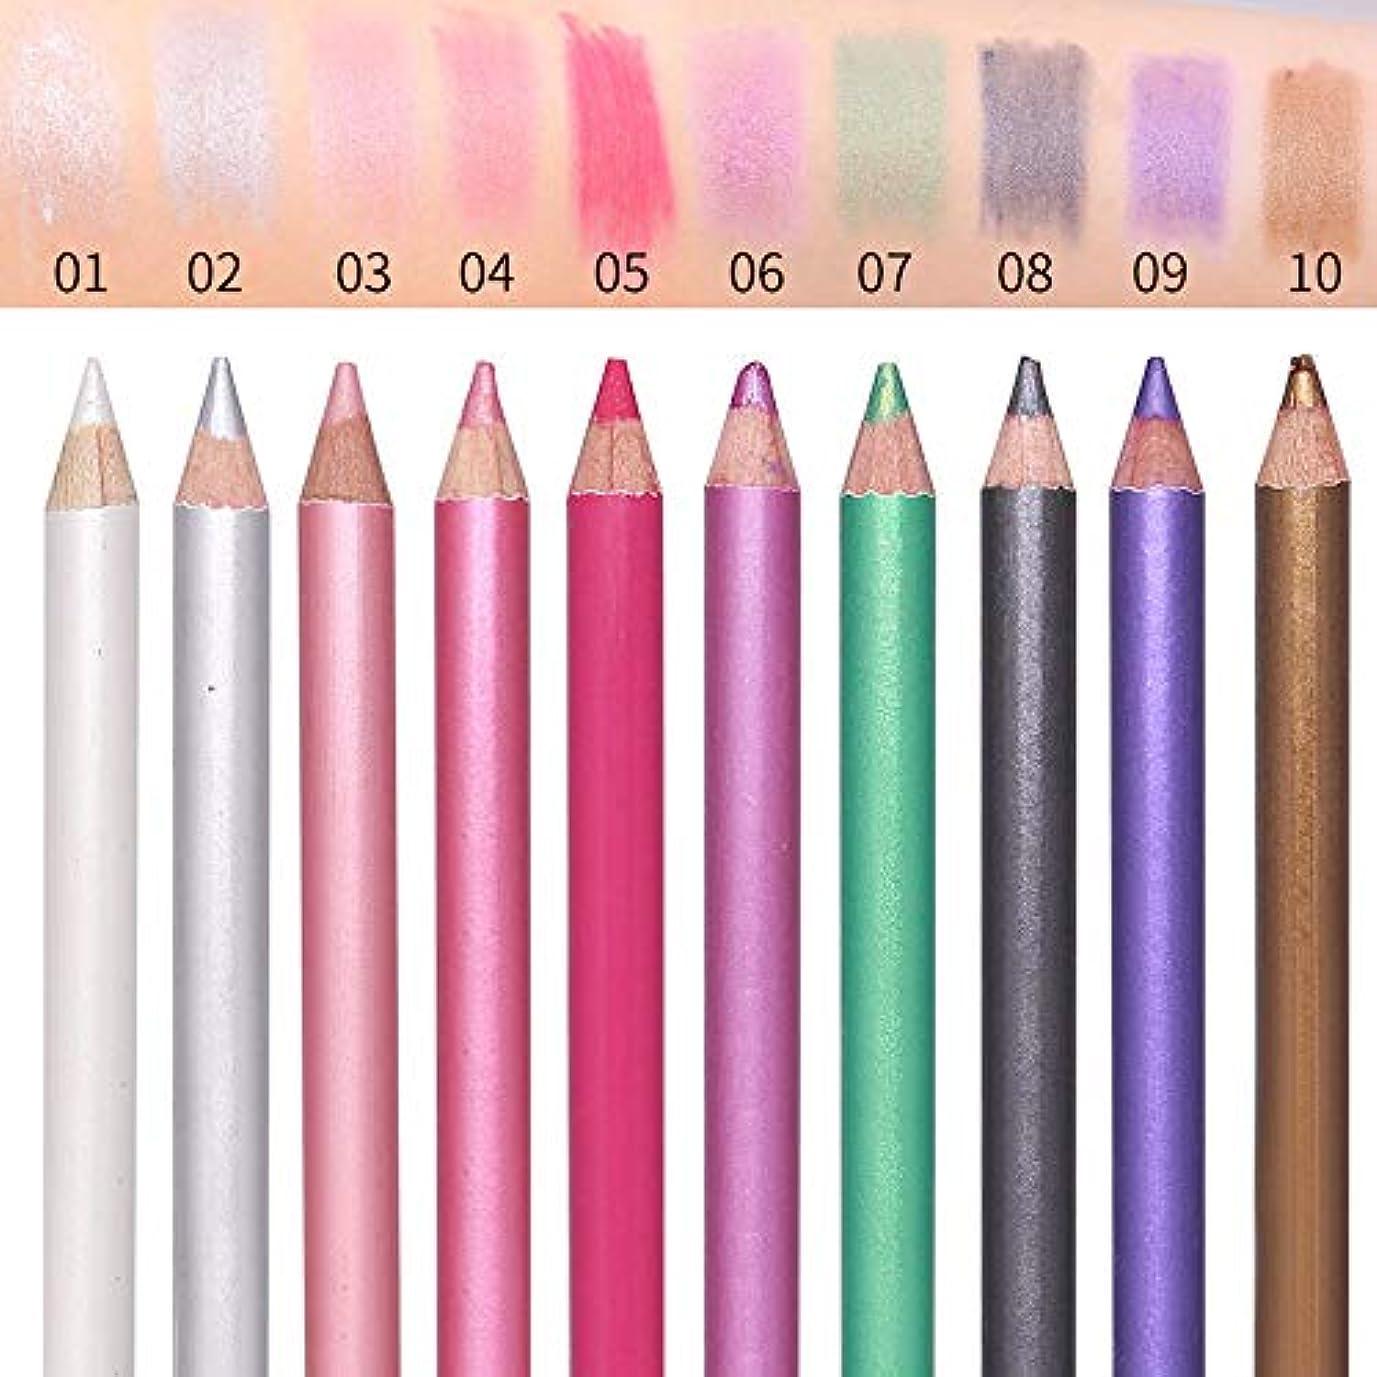 天皇些細なパイプライン1ピースフェイスアイシャドウペンシルハイライト輪郭ペンスティック防水長続き化粧10色シャドウペンシル付きブレンダー (3)